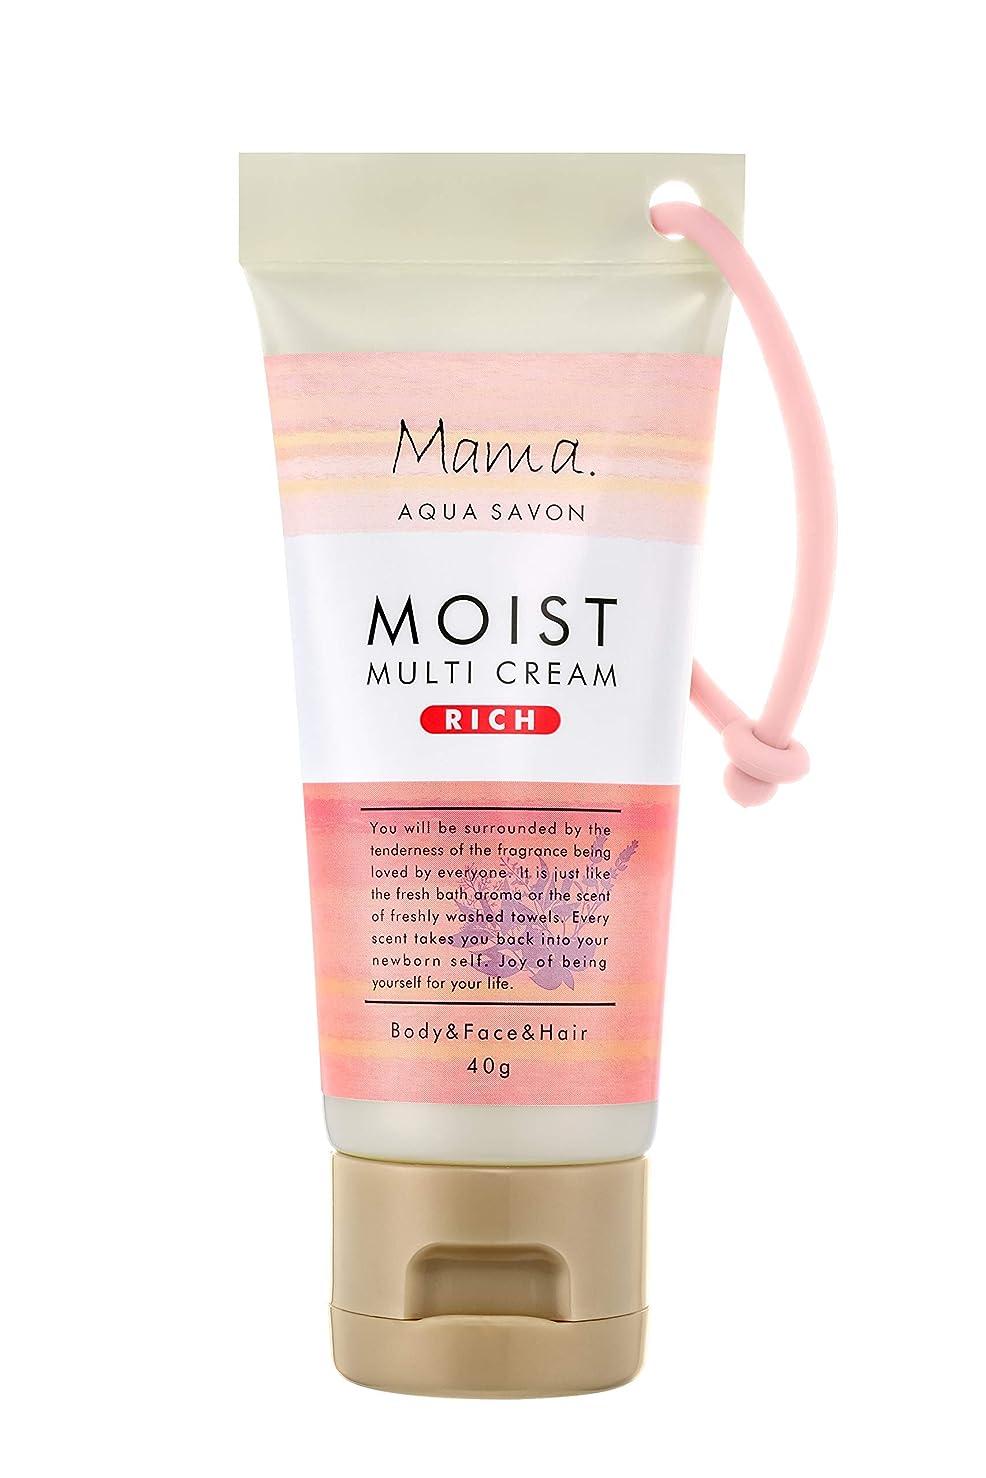 第五メトリックターゲットママアクアシャボン モイストマルチクリーム リッチ フラワーアロマウォーターの香り 18A 40g